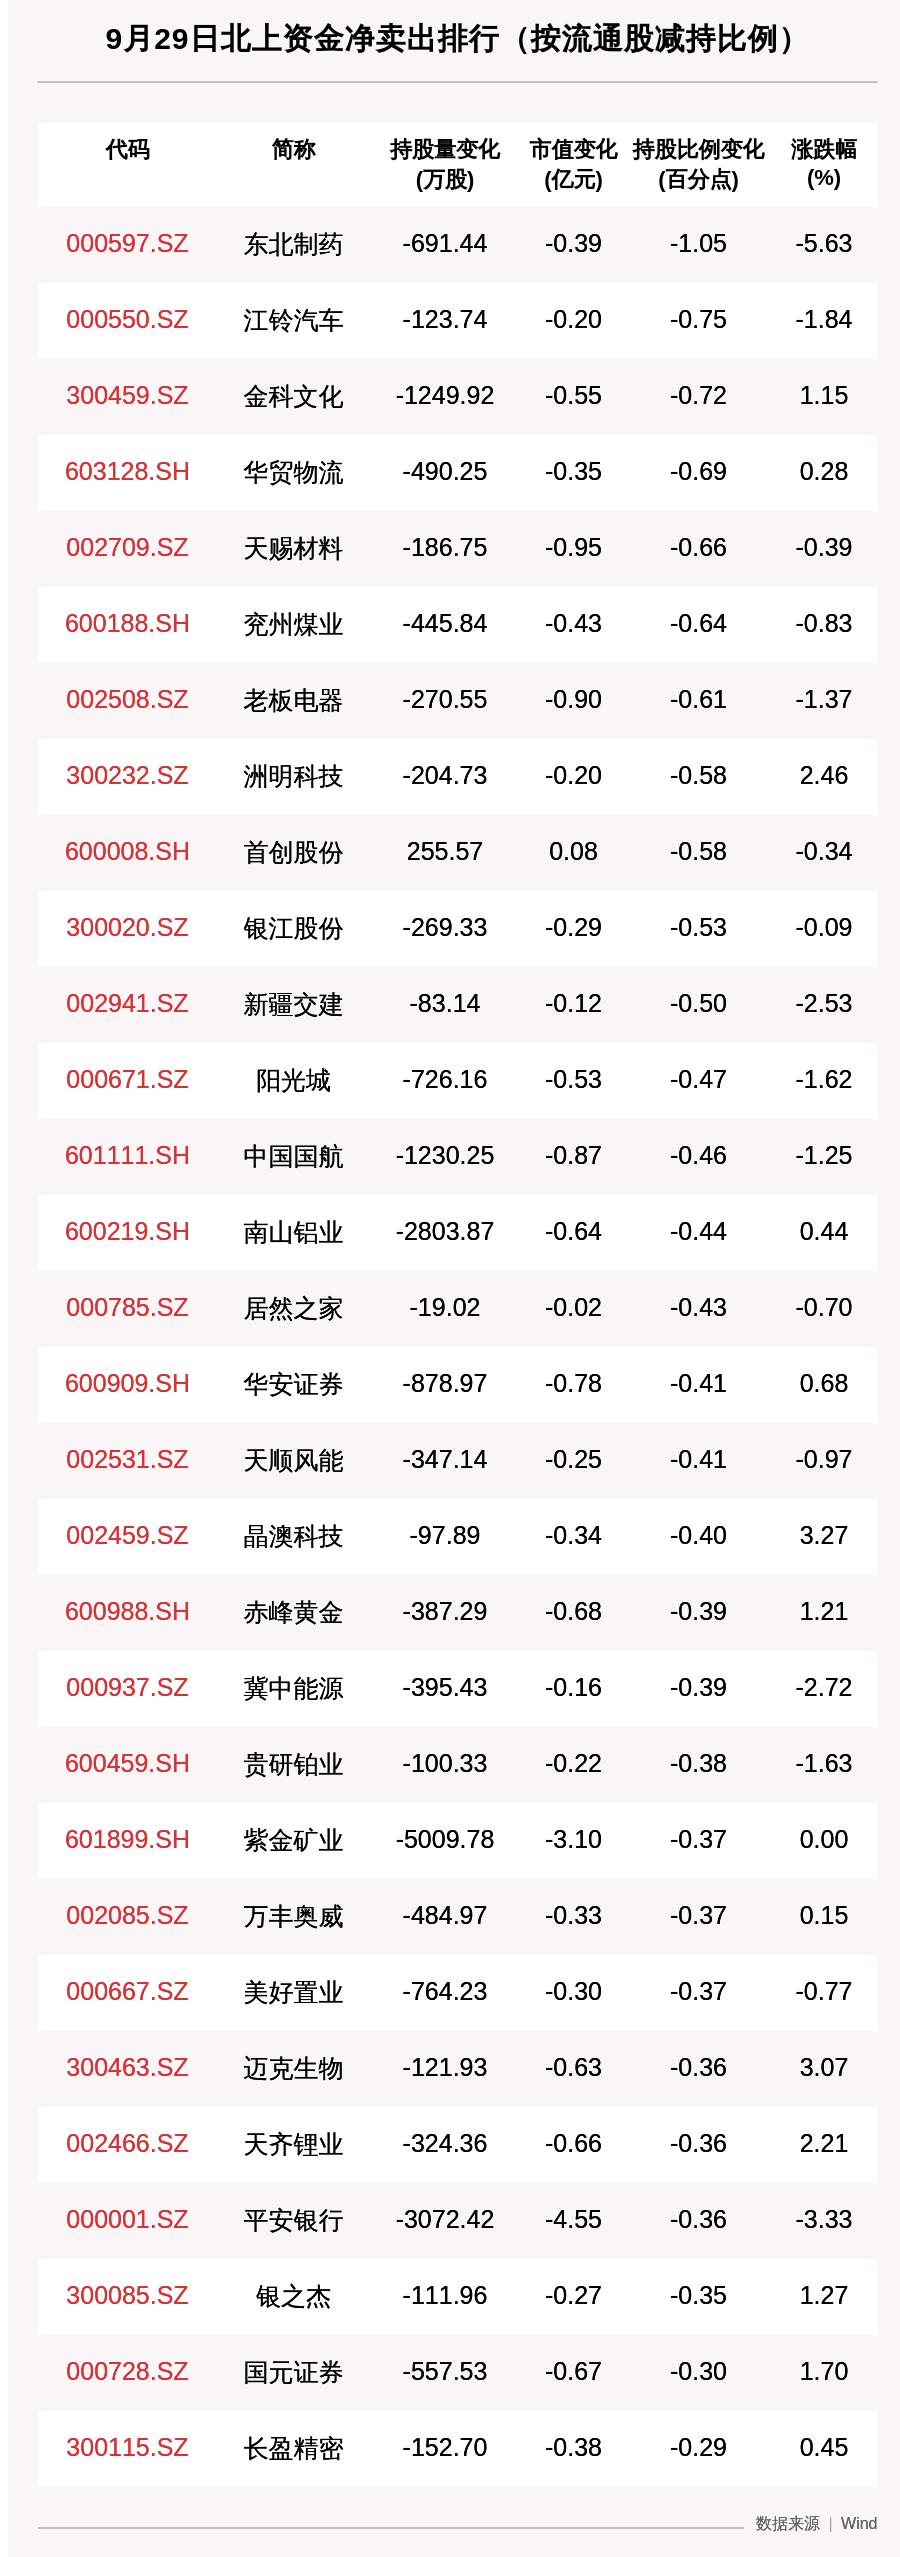 北向资金动向曝光:抛售中国平安6.8亿 这30只股昨遭